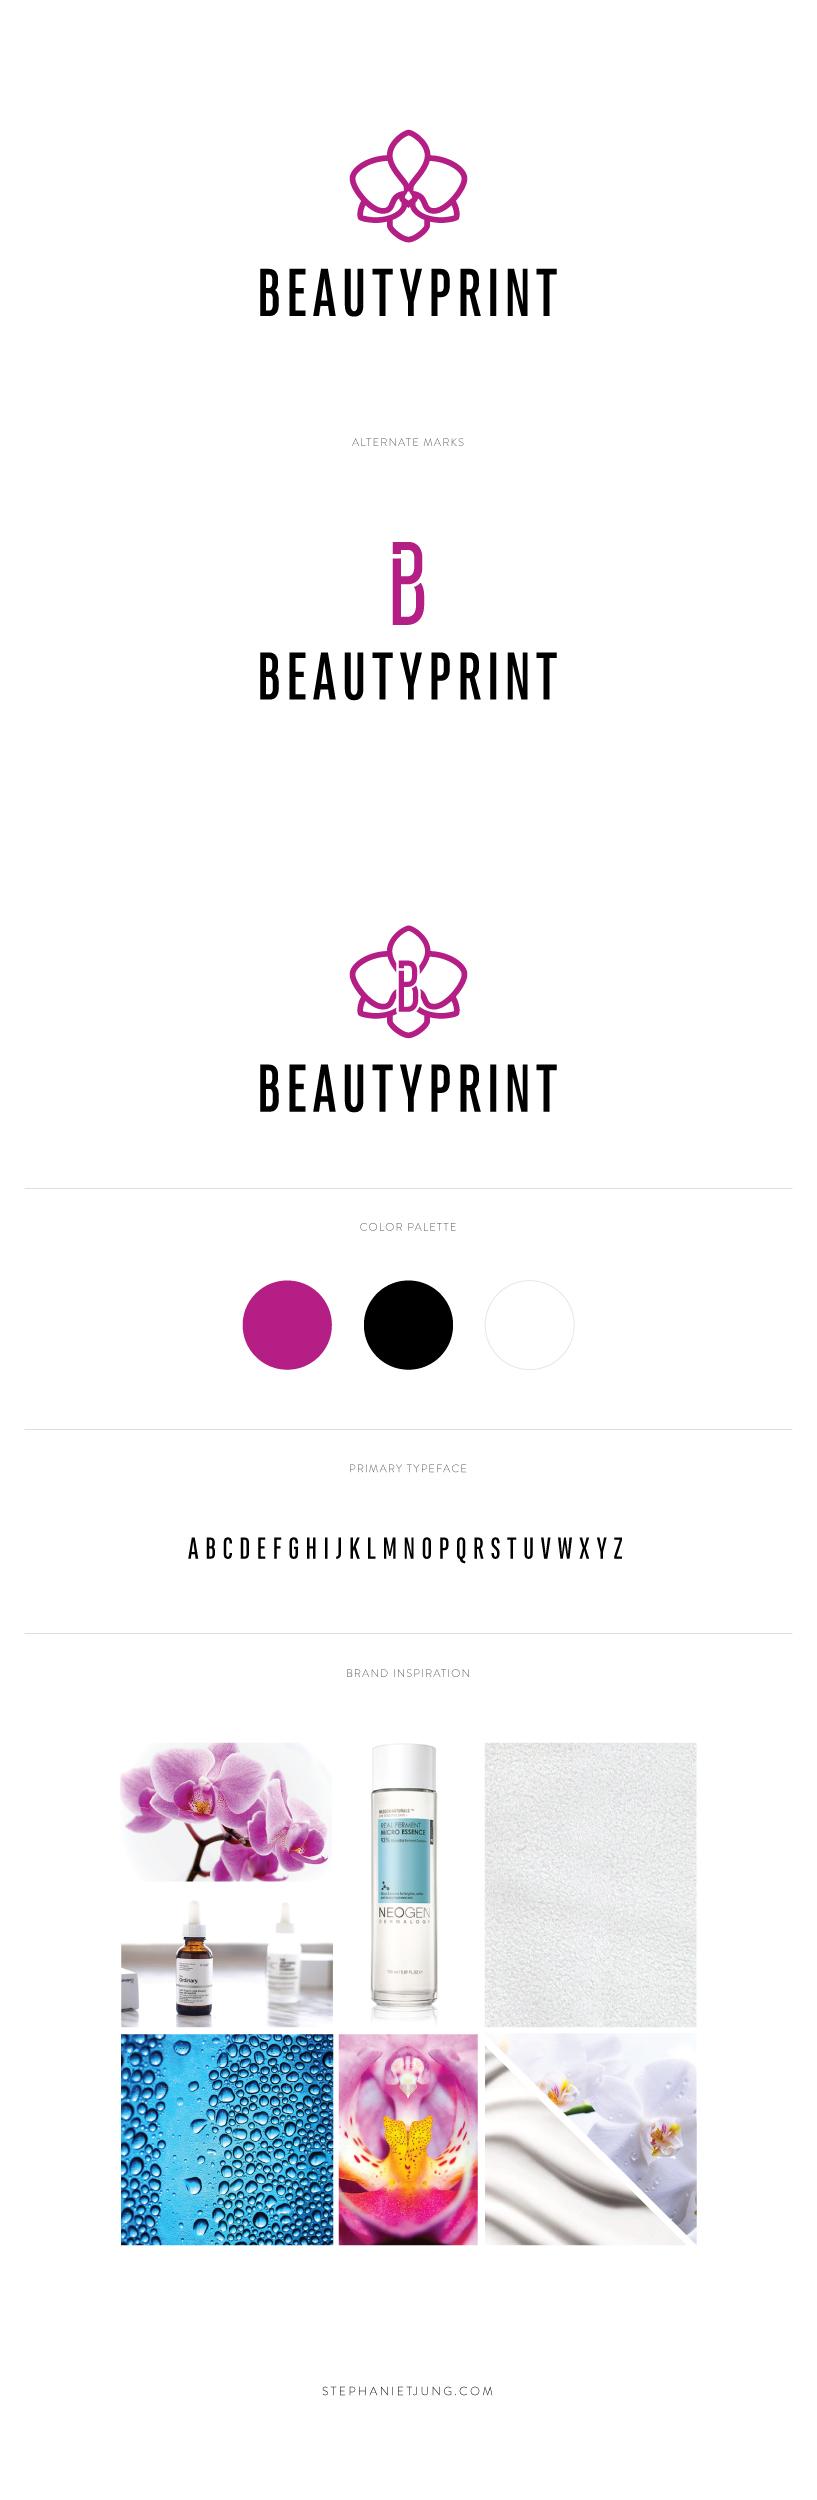 STJ_Beautyprint_BrandBoard.jpg